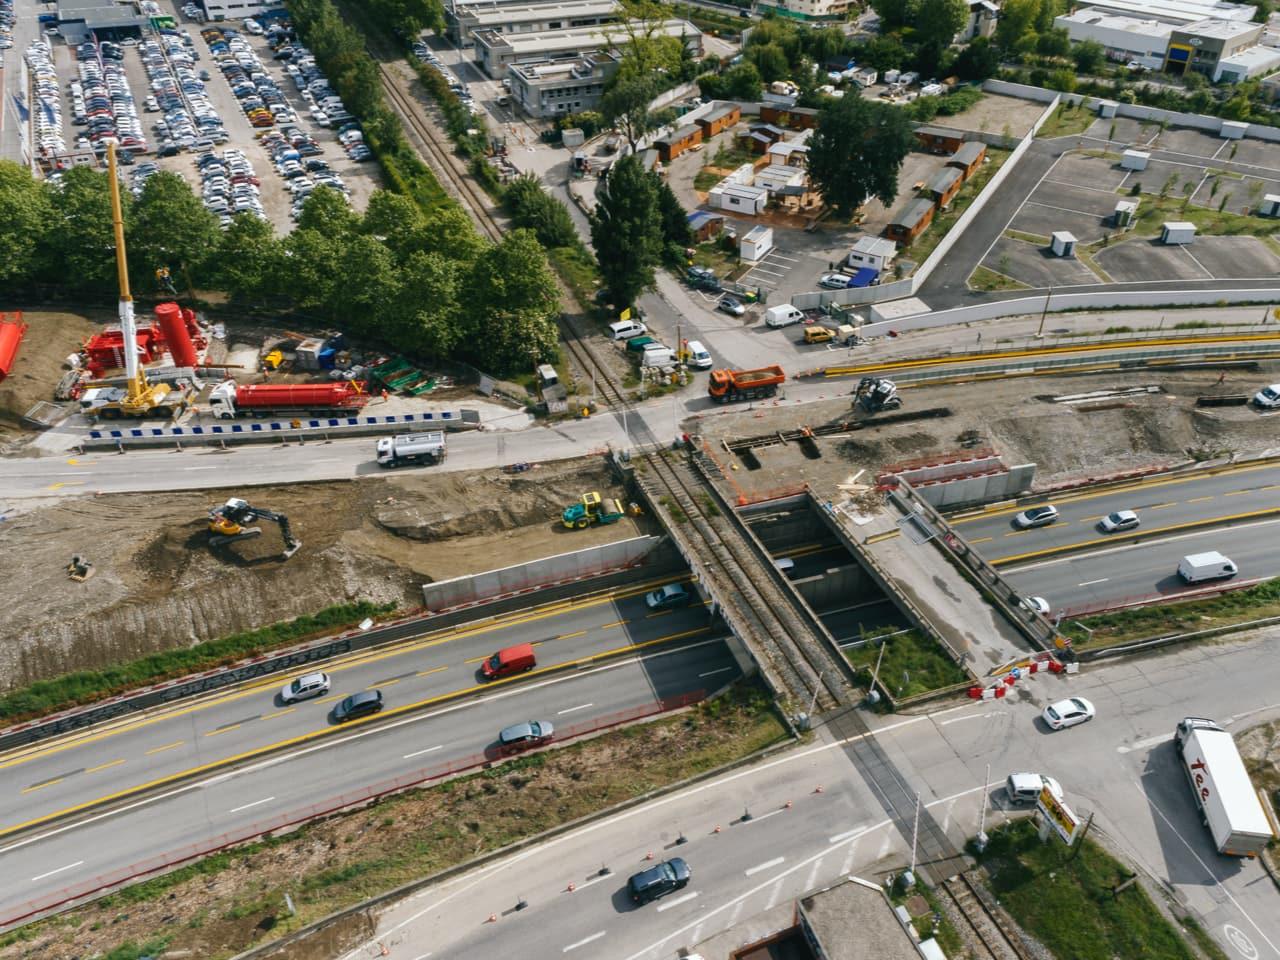 Travaux par la DREAL le long de la nationale N87 dans le cadre de l'aménagement de l'A480